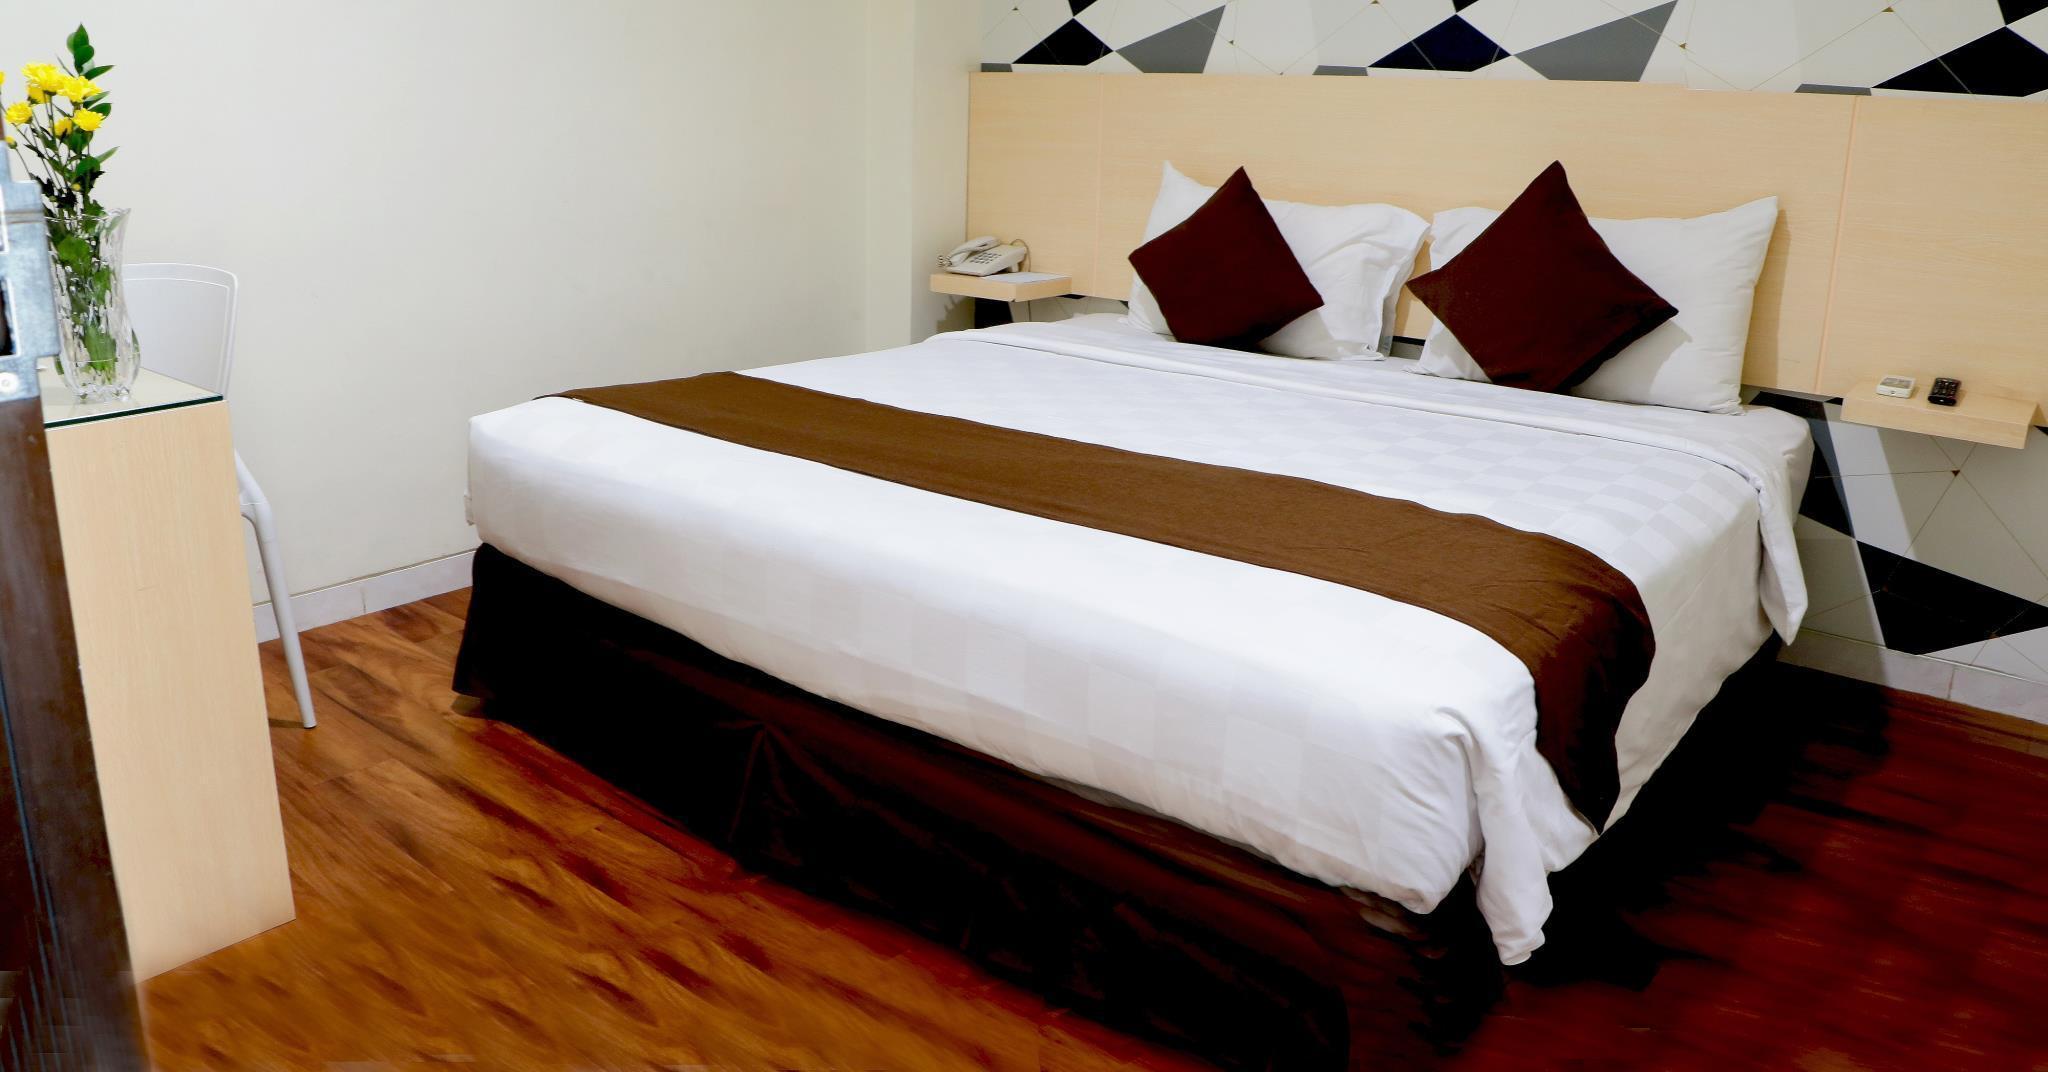 Hotel 88 Mangga Besar 120 Rumah Sakit Husada, Jakarta Pusat